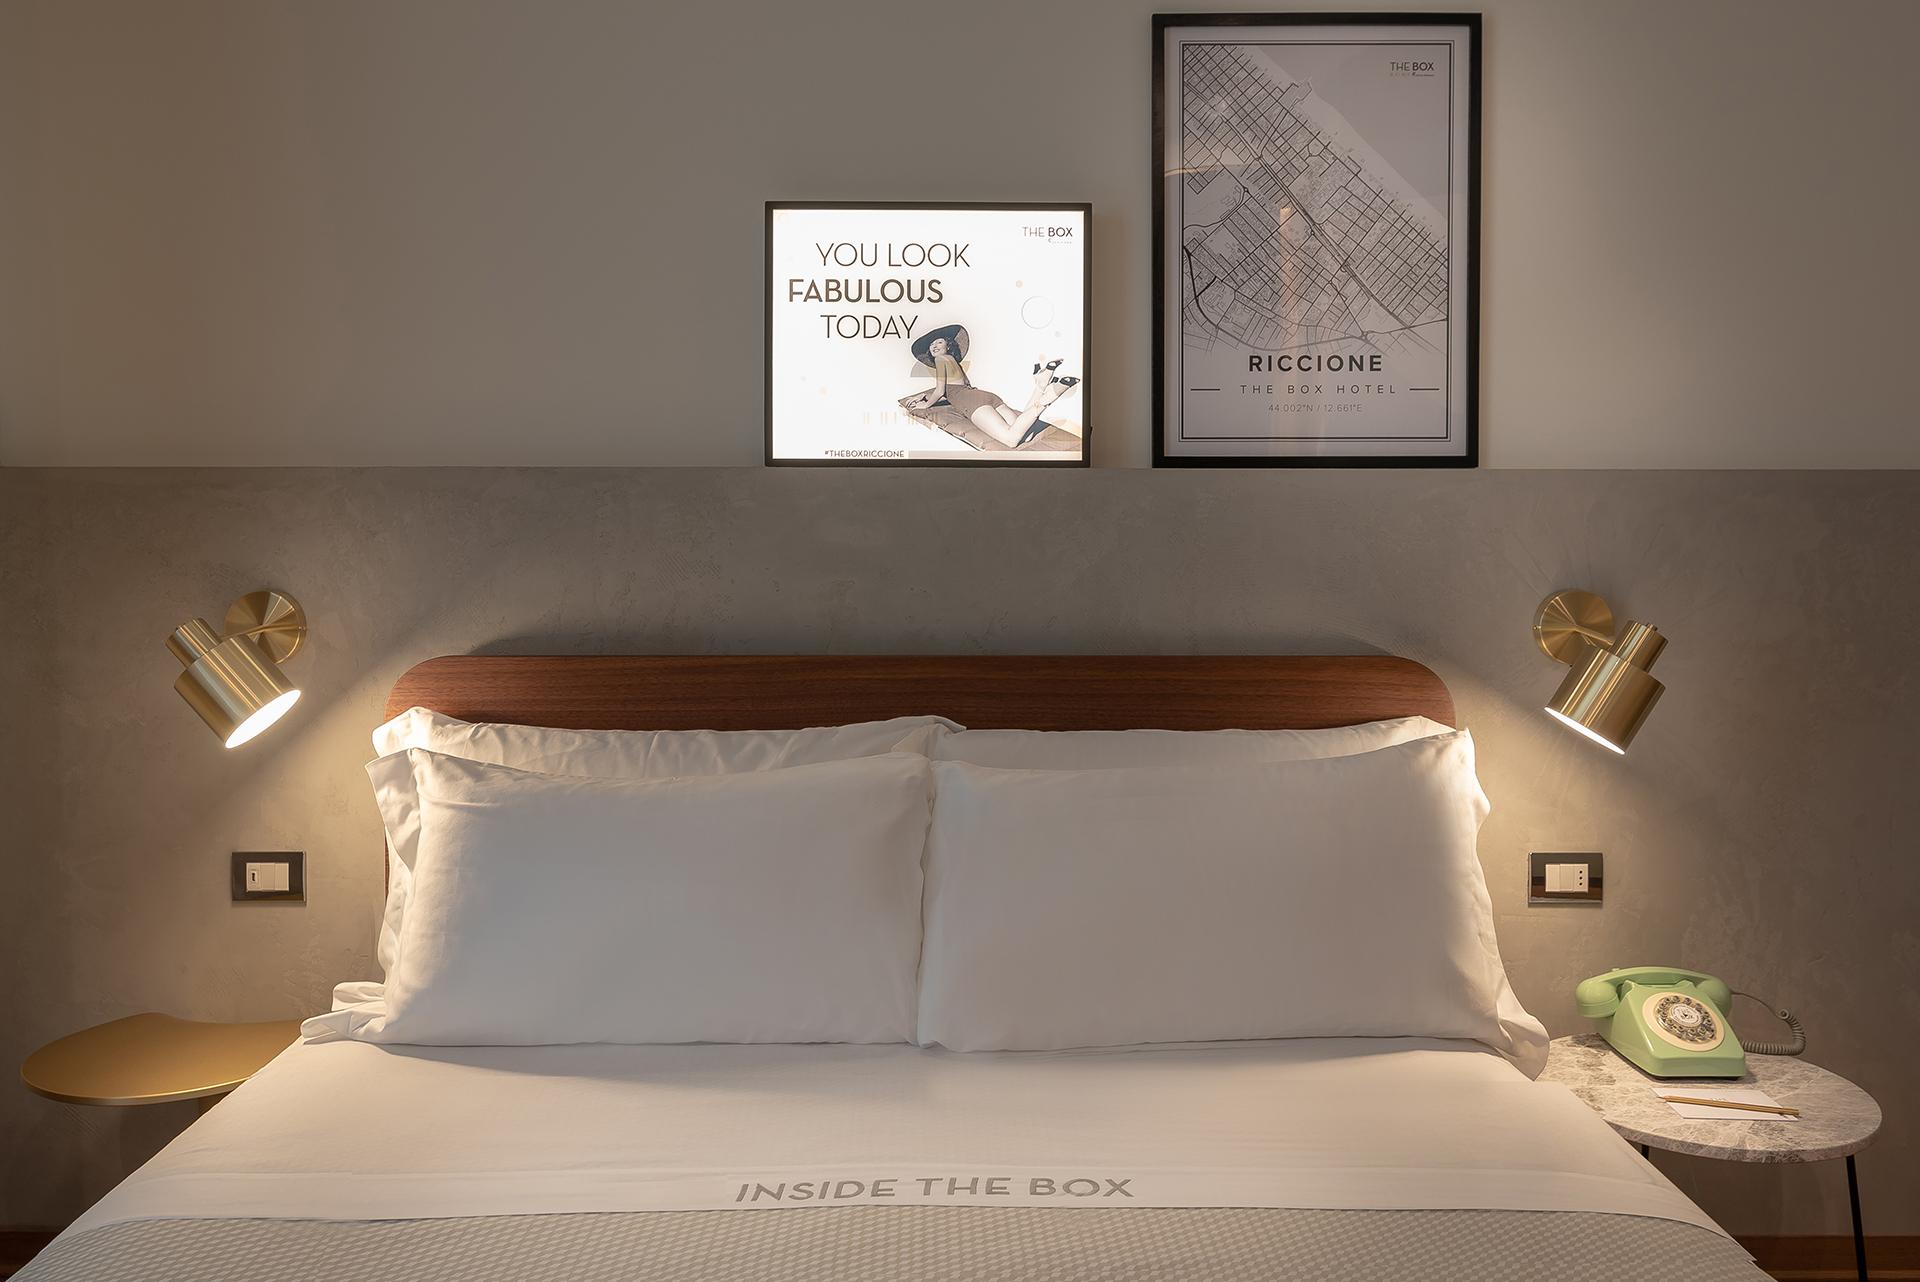 A Riccione c'è un hotel da Hollywood, il The Box Hotel: design accogliente e, ovunque, scenografie e personaggi ispirati a film e serie tv